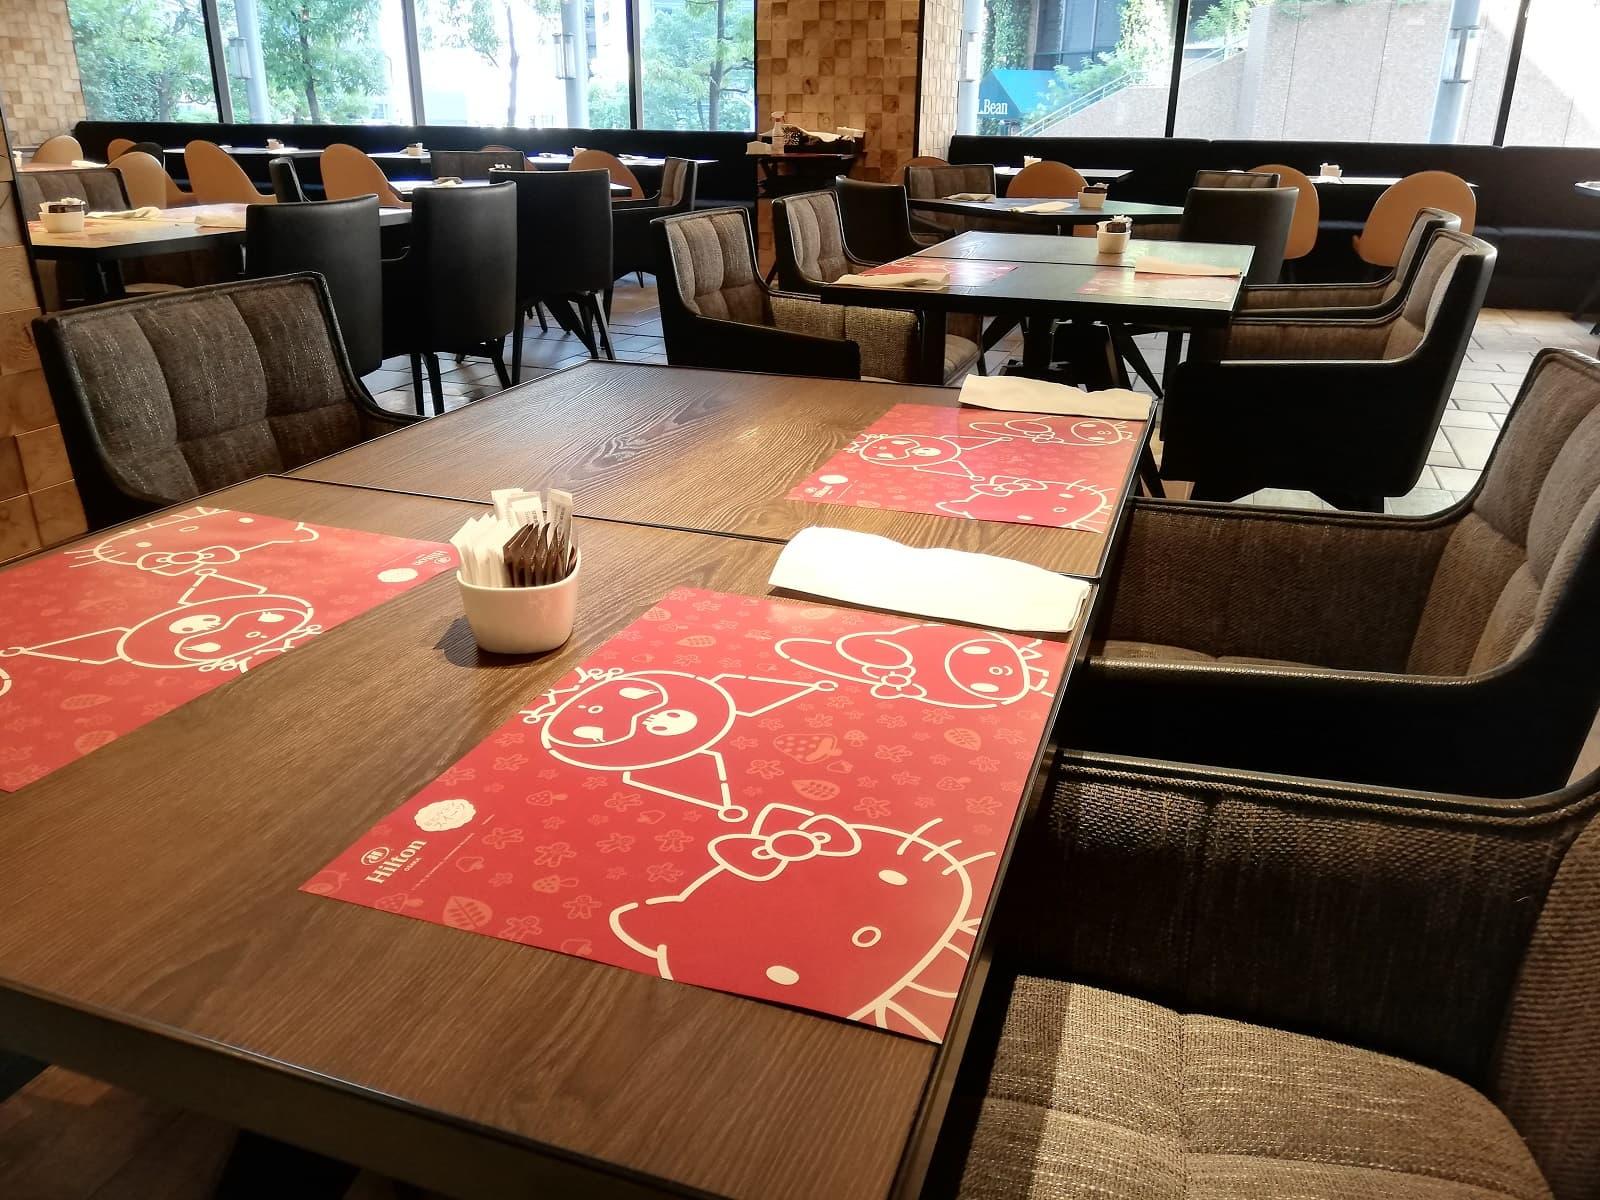 ヒルトン大阪のキティビュッフェのレストランの様子